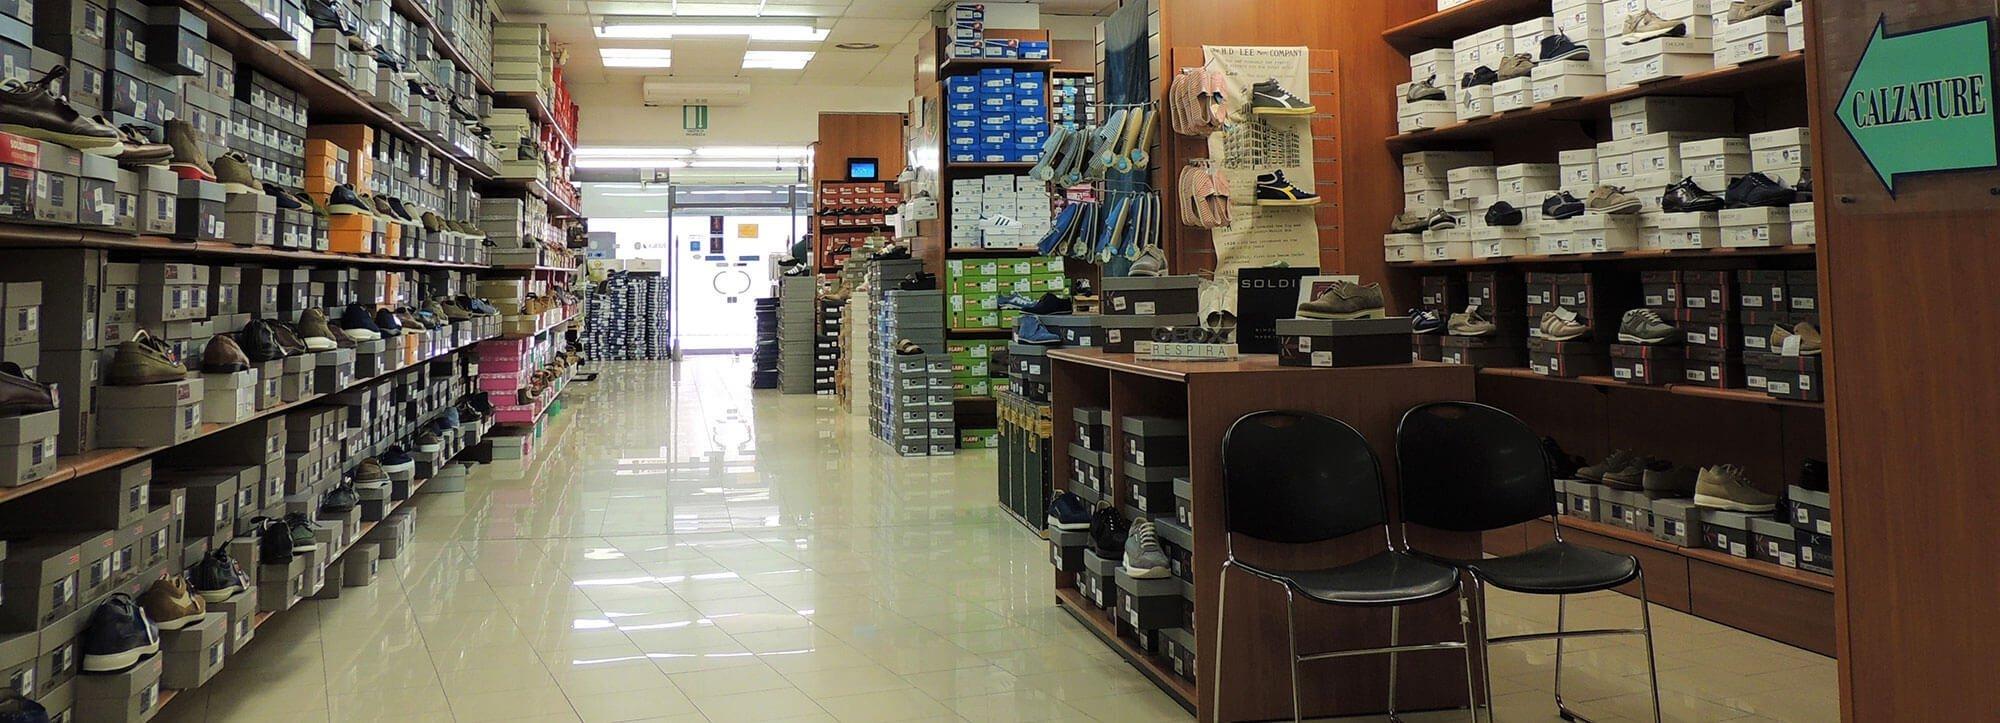 depositi riuniti interno negozio